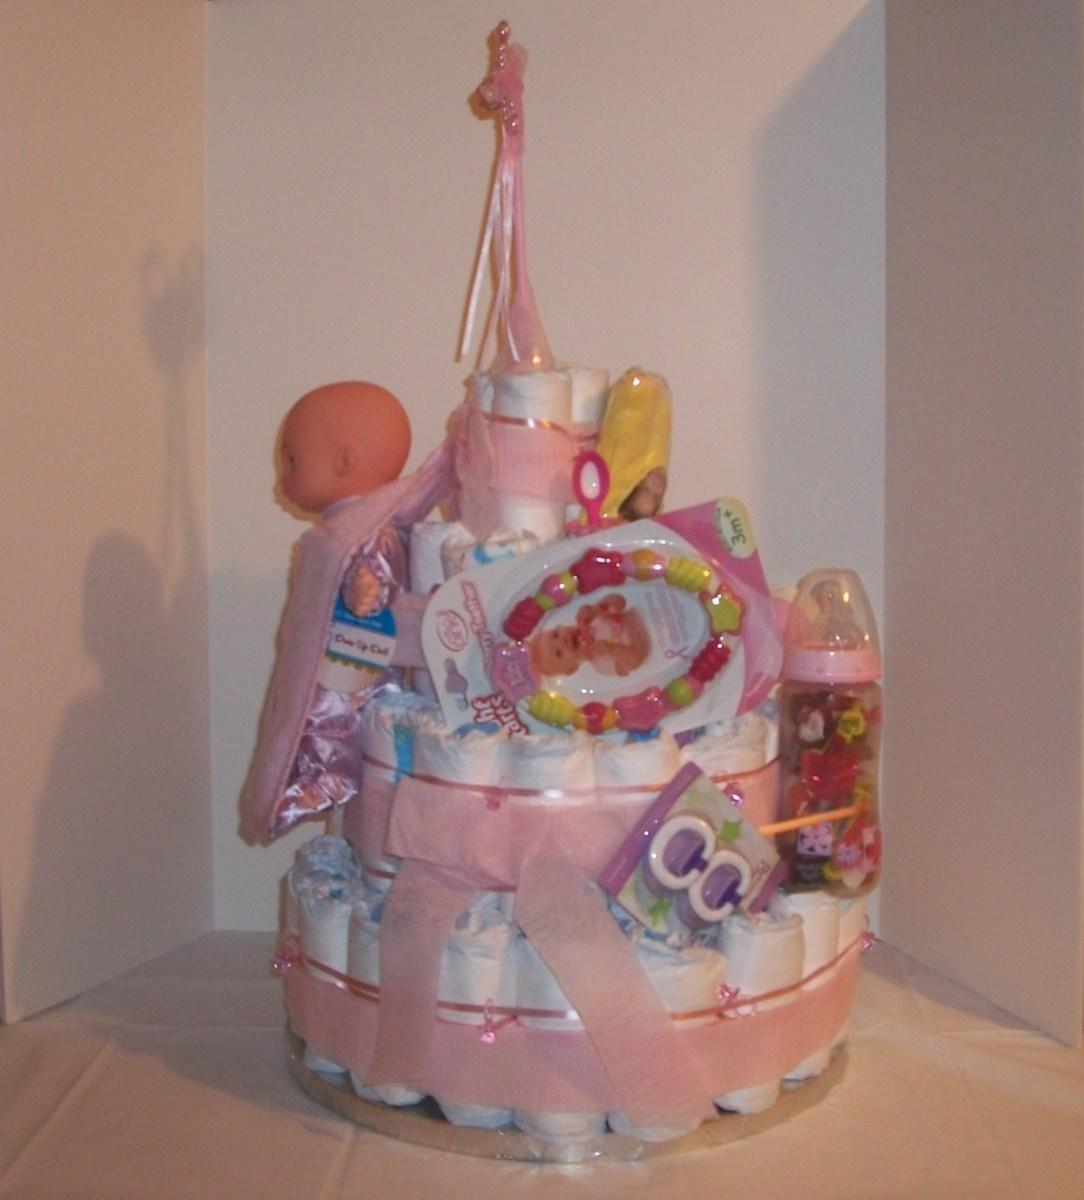 Decorating Cake Sides